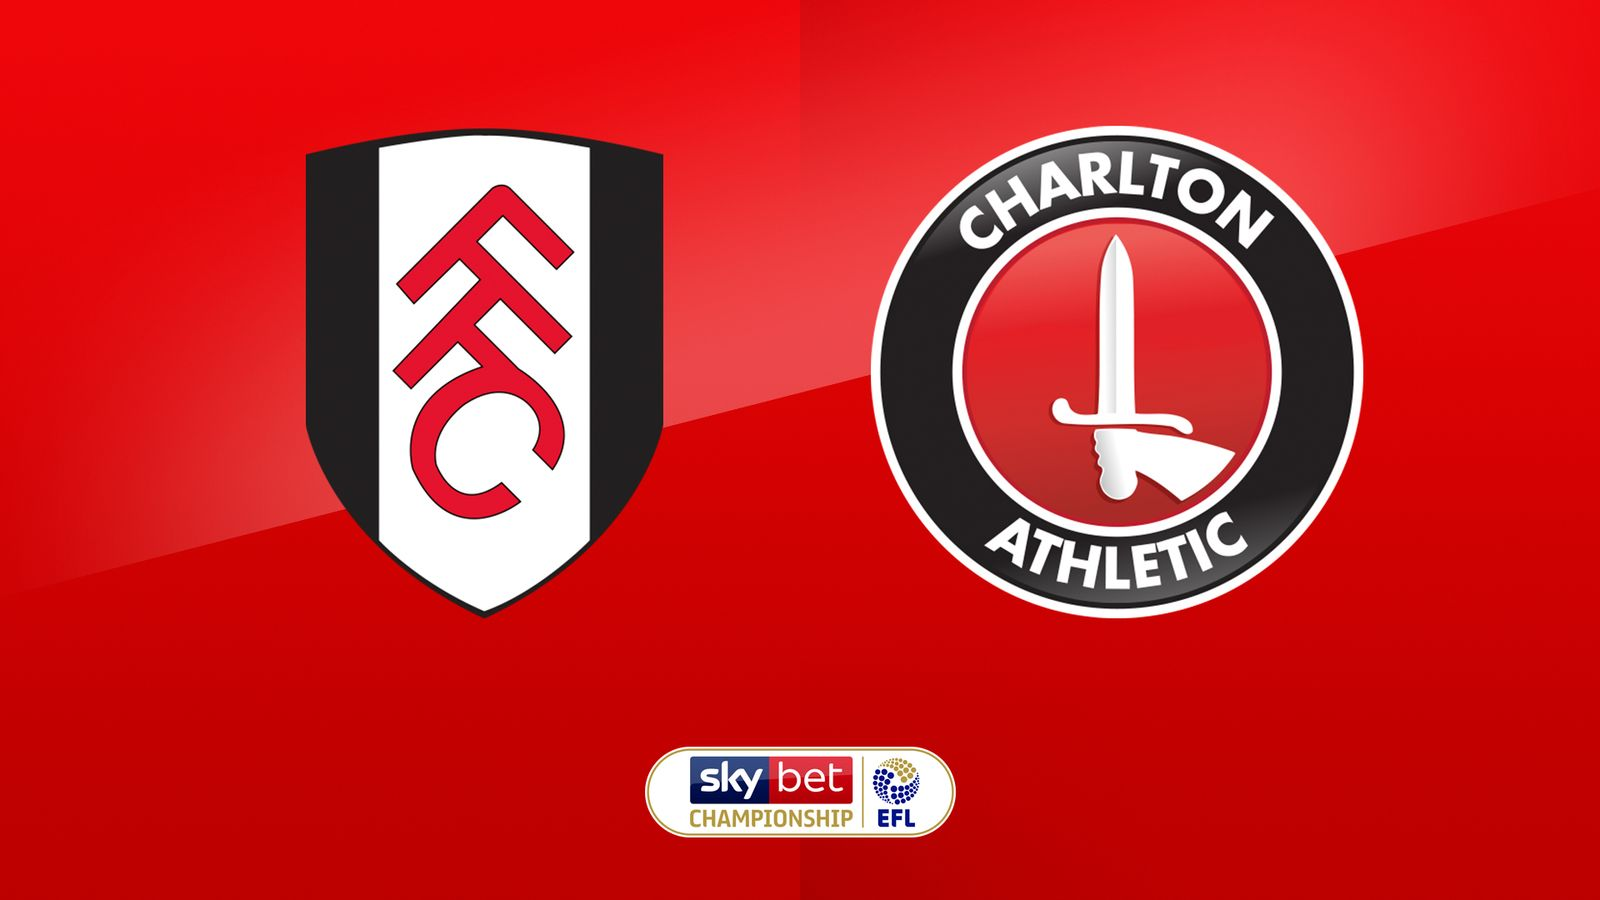 Kết quả hình ảnh cho Fulham vs Charlton